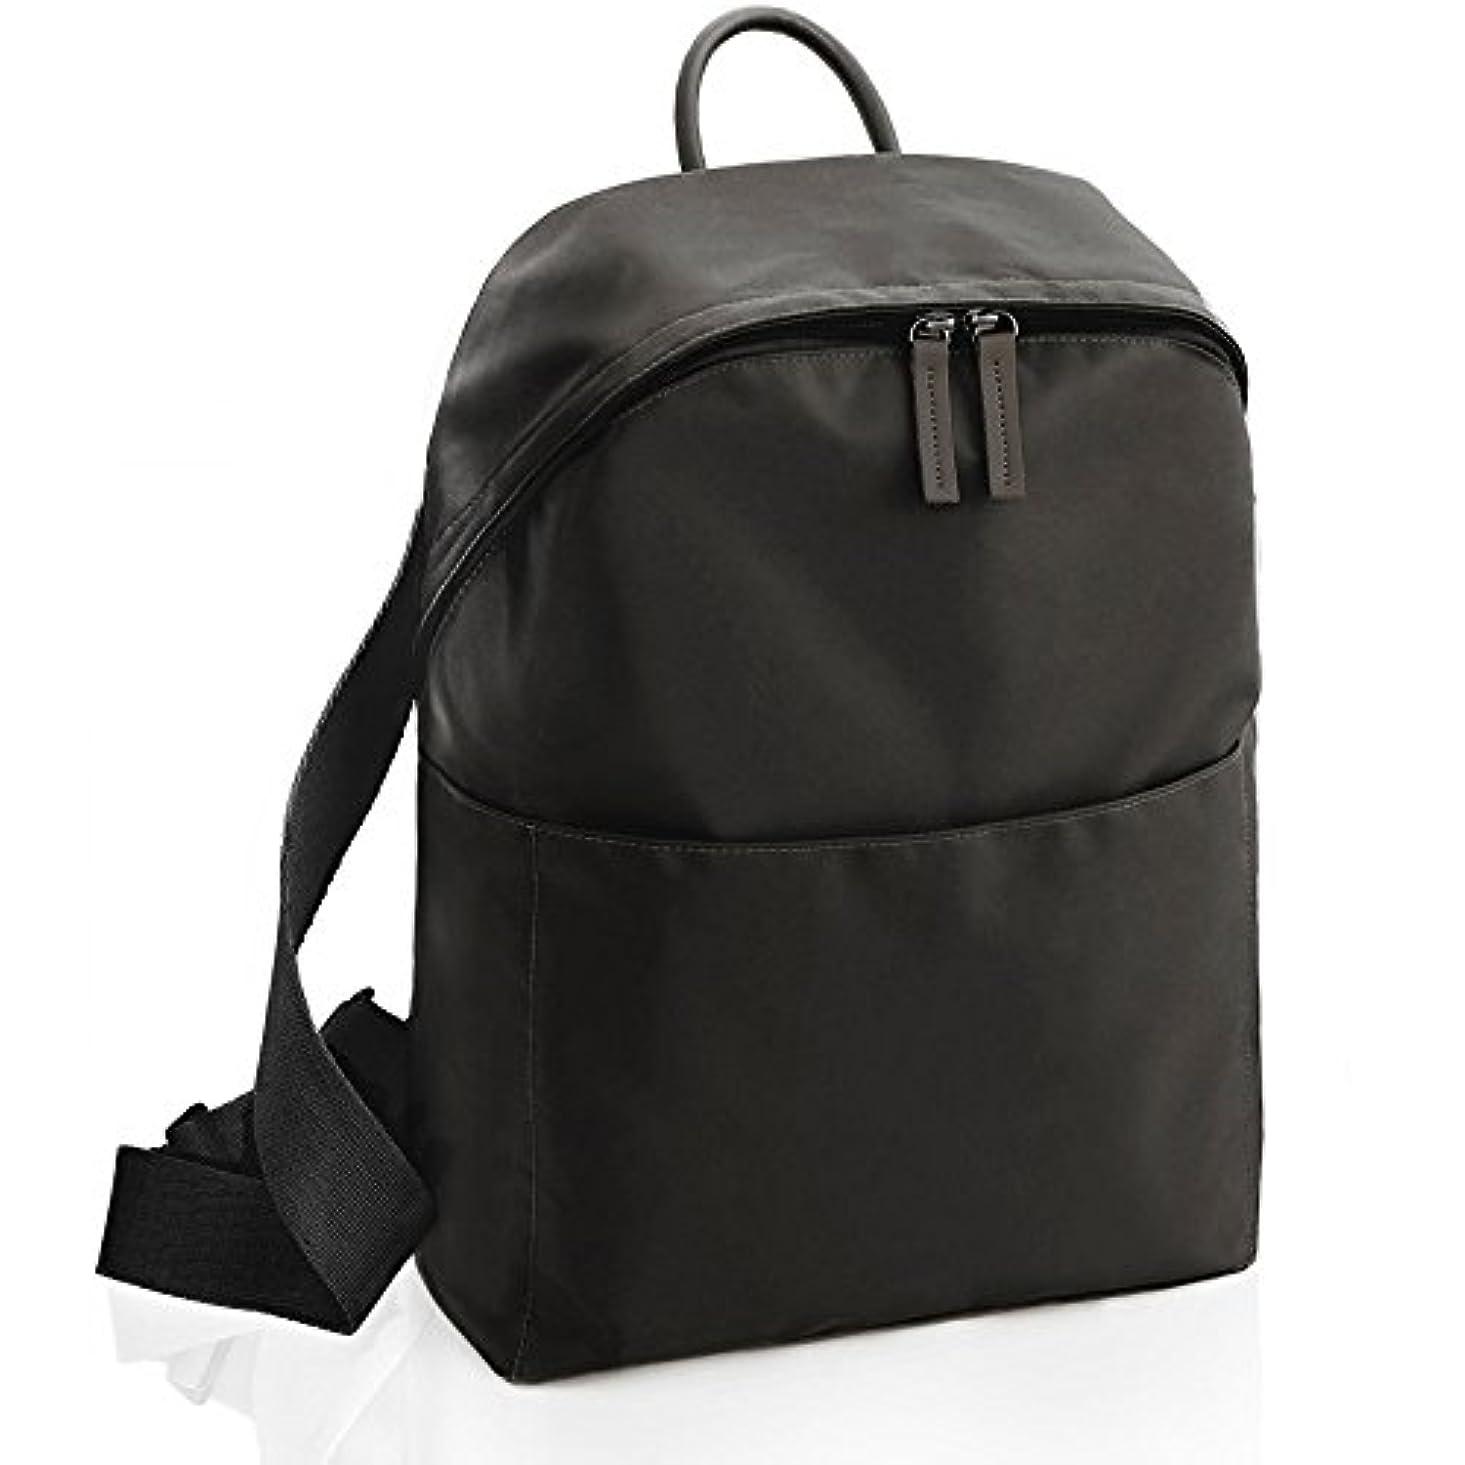 誇張する援助リーガンAirlab 学生リュック シンプル 高校生 中学生 旅行 軽量バッグパック 人気 超撥水 大容量 通勤 通学カバン PCリュック 男女兼用